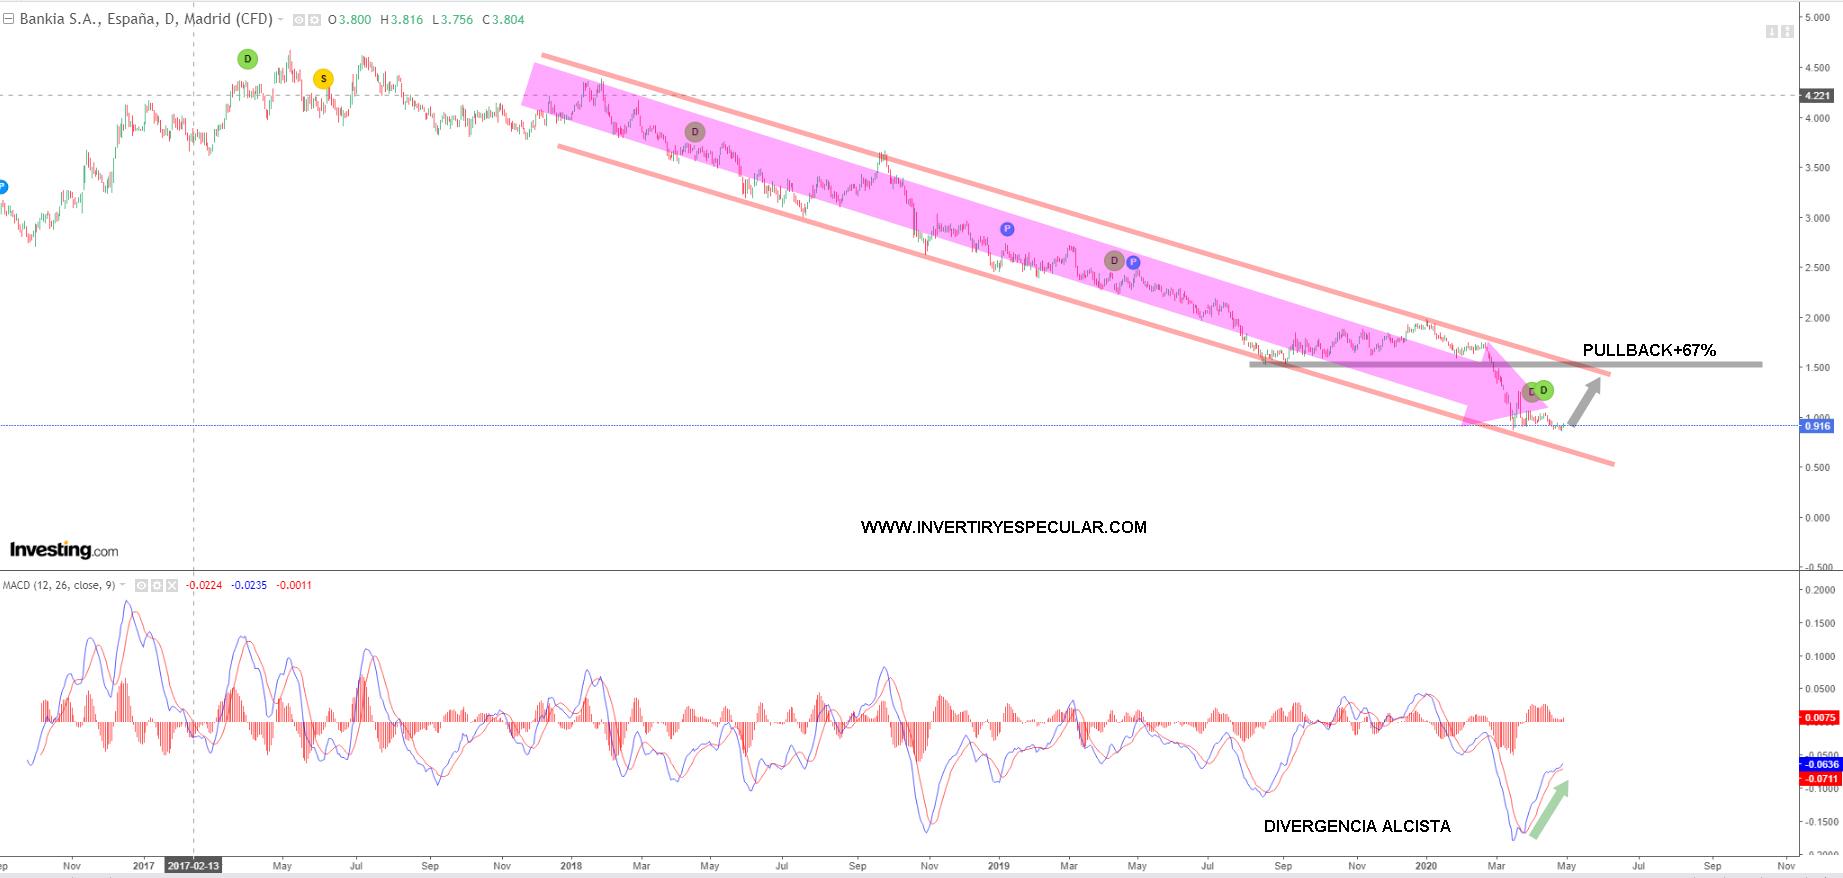 Bankia peor que el año pasado pero rebota